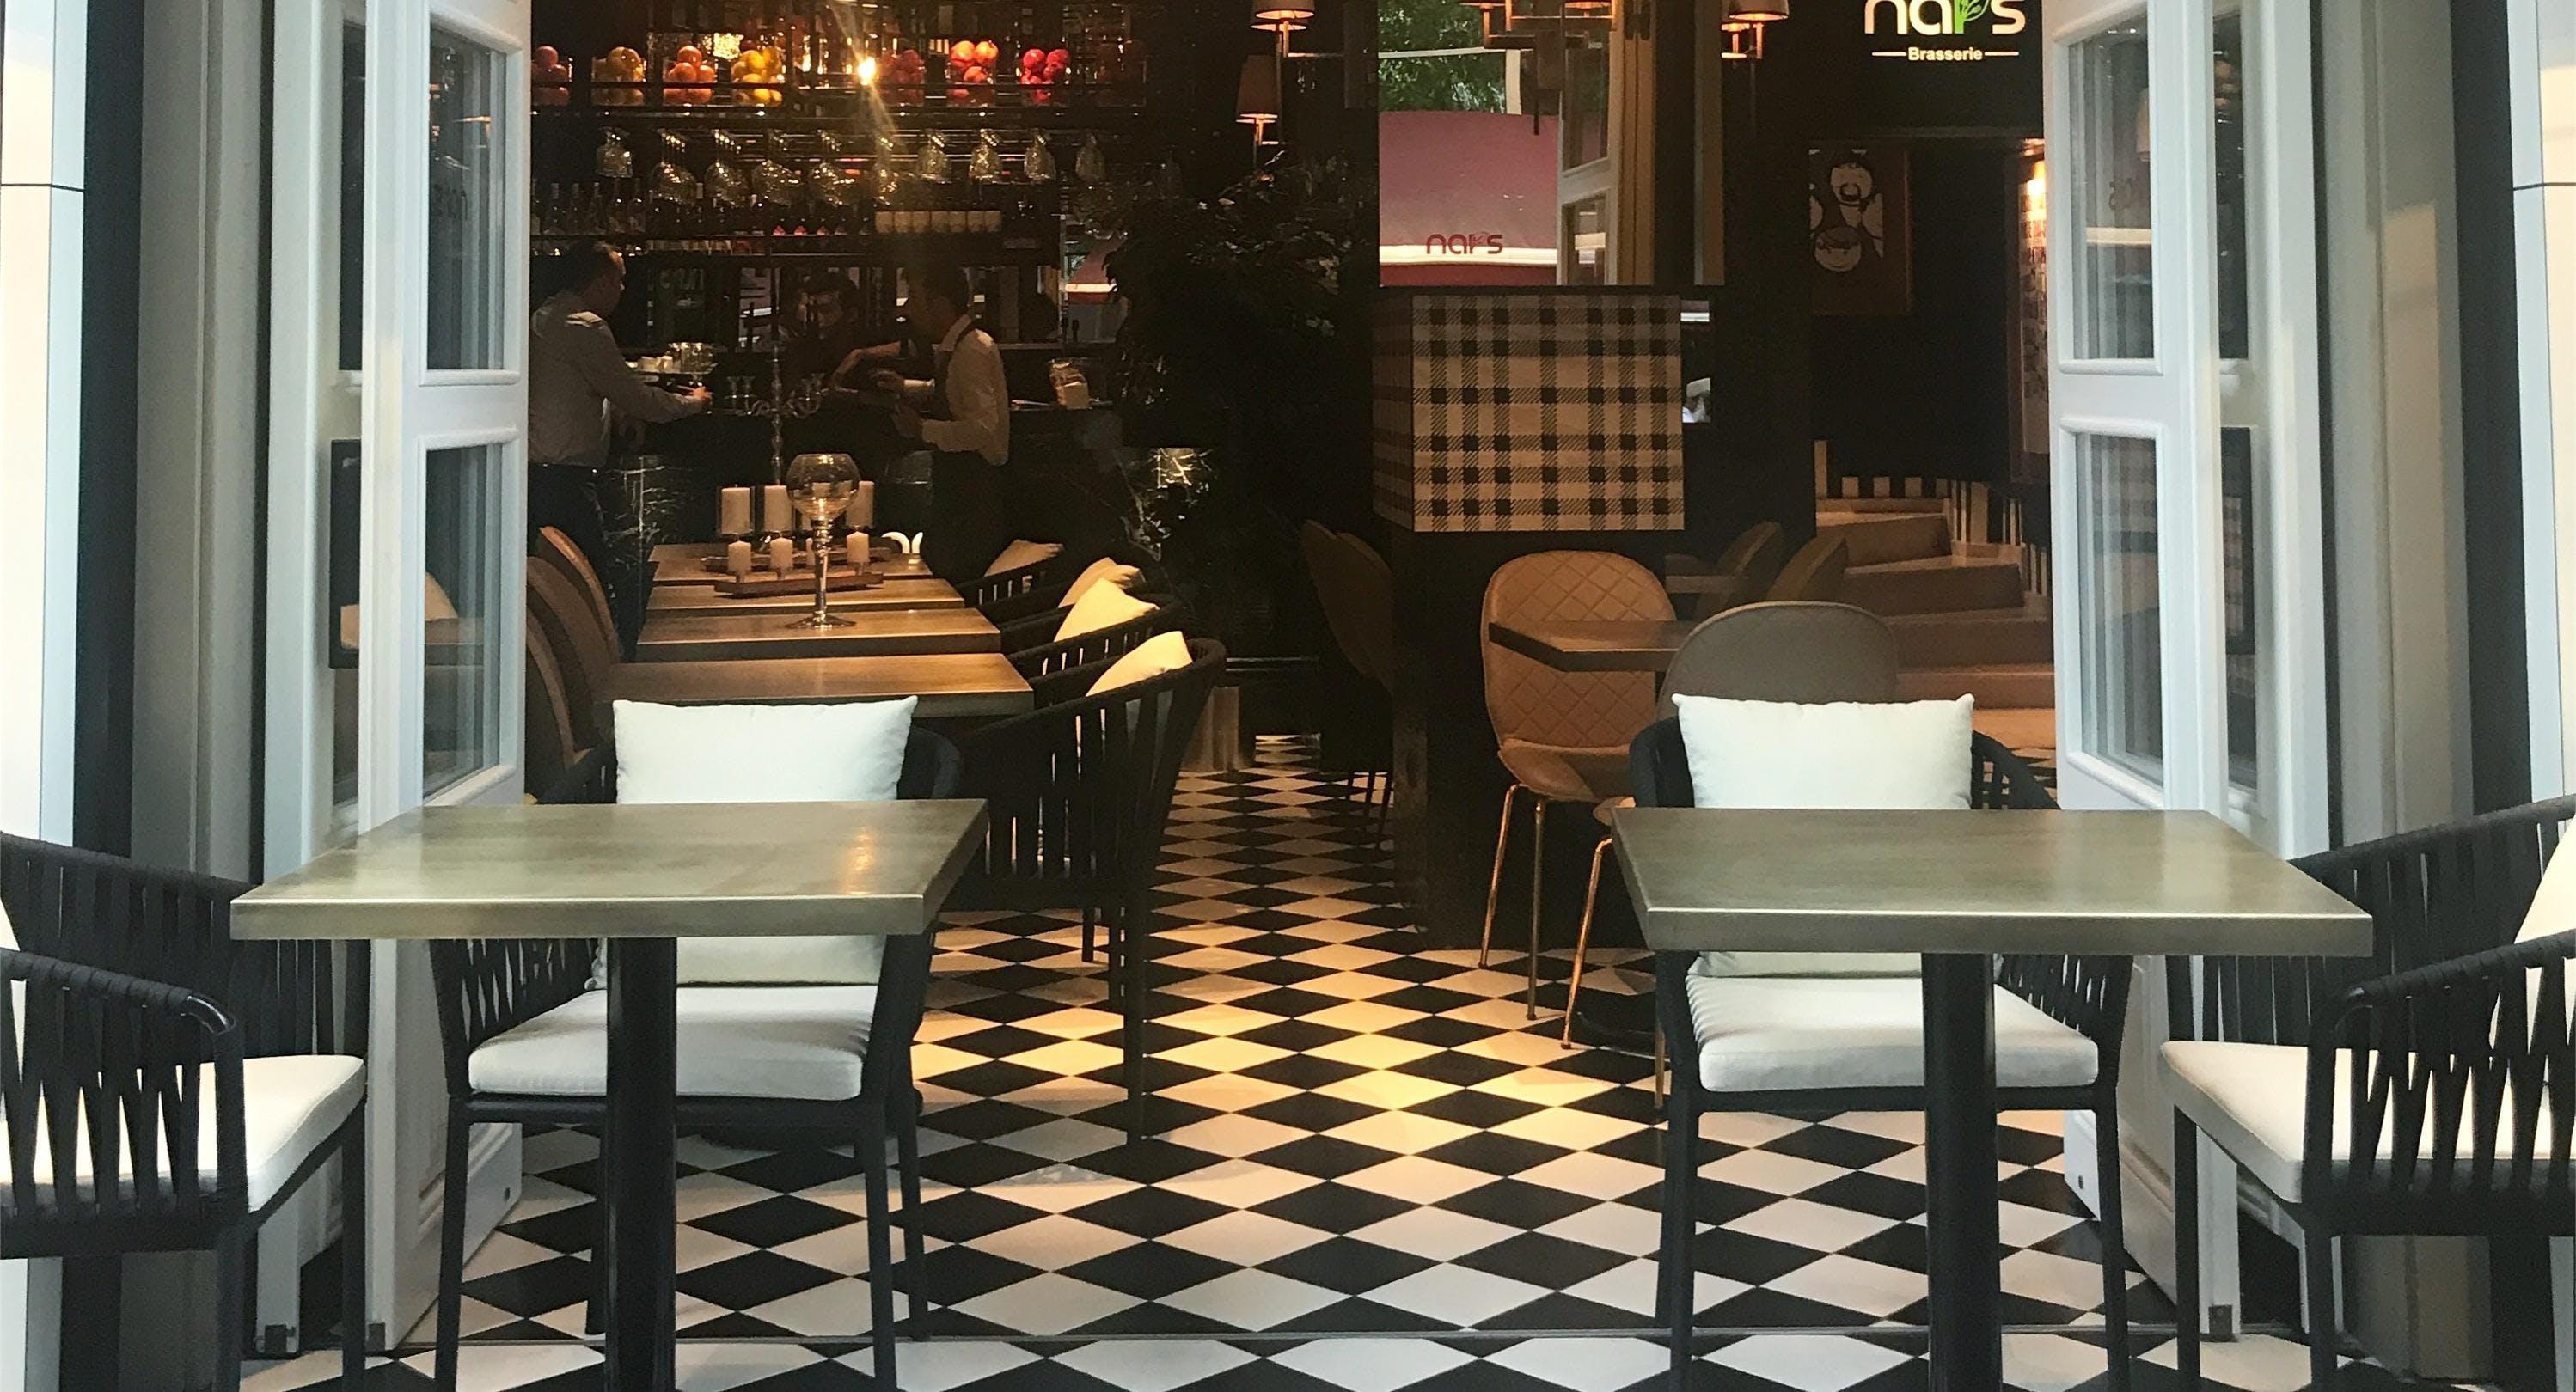 Nars Brasserie